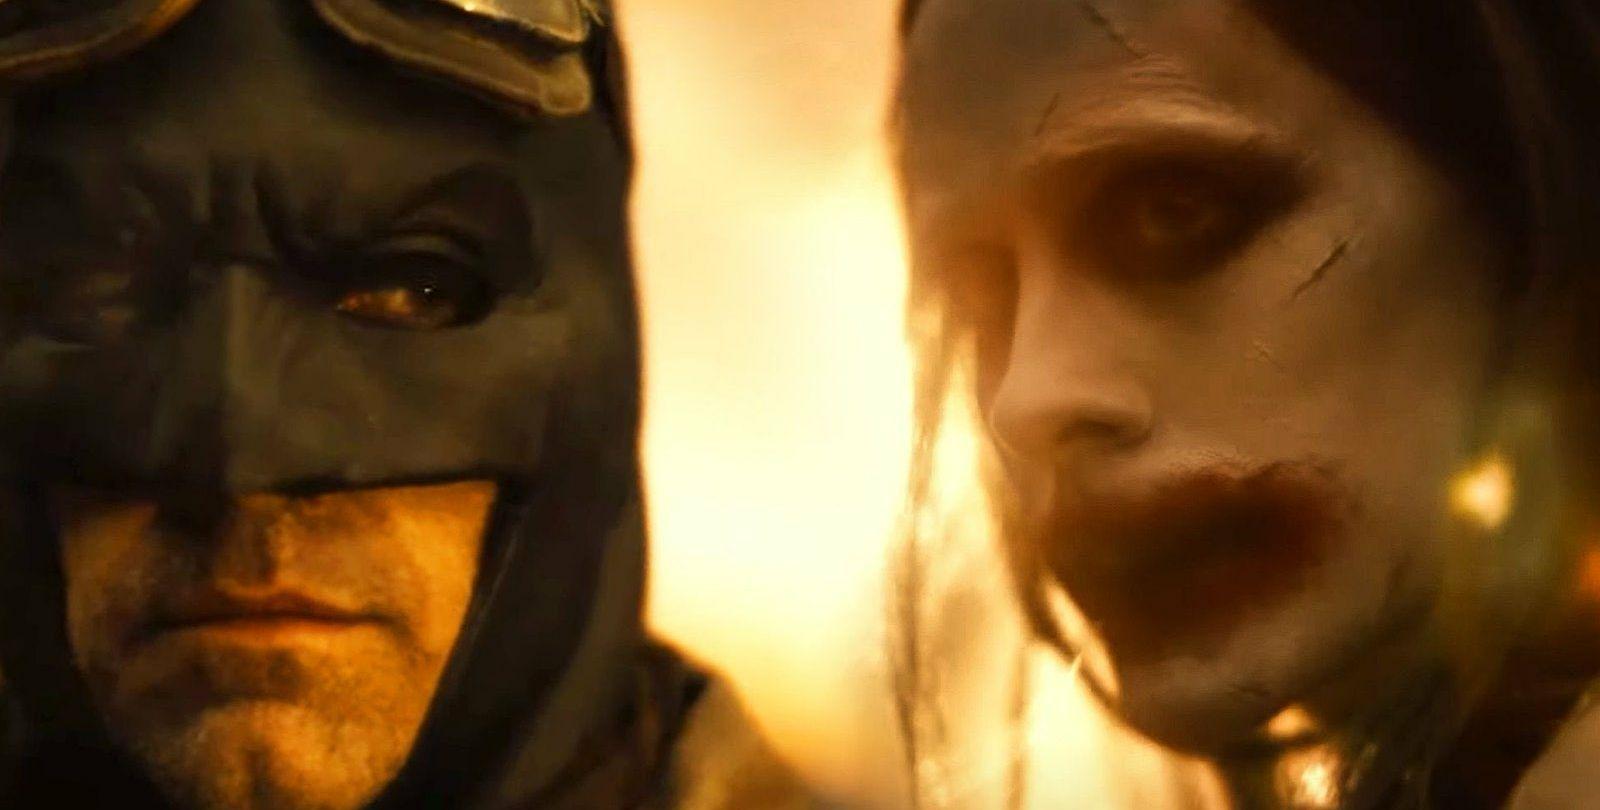 Justice League : le Joker et Batman, alliés dans le Snyder Cut ? - ÉcranLarge.com